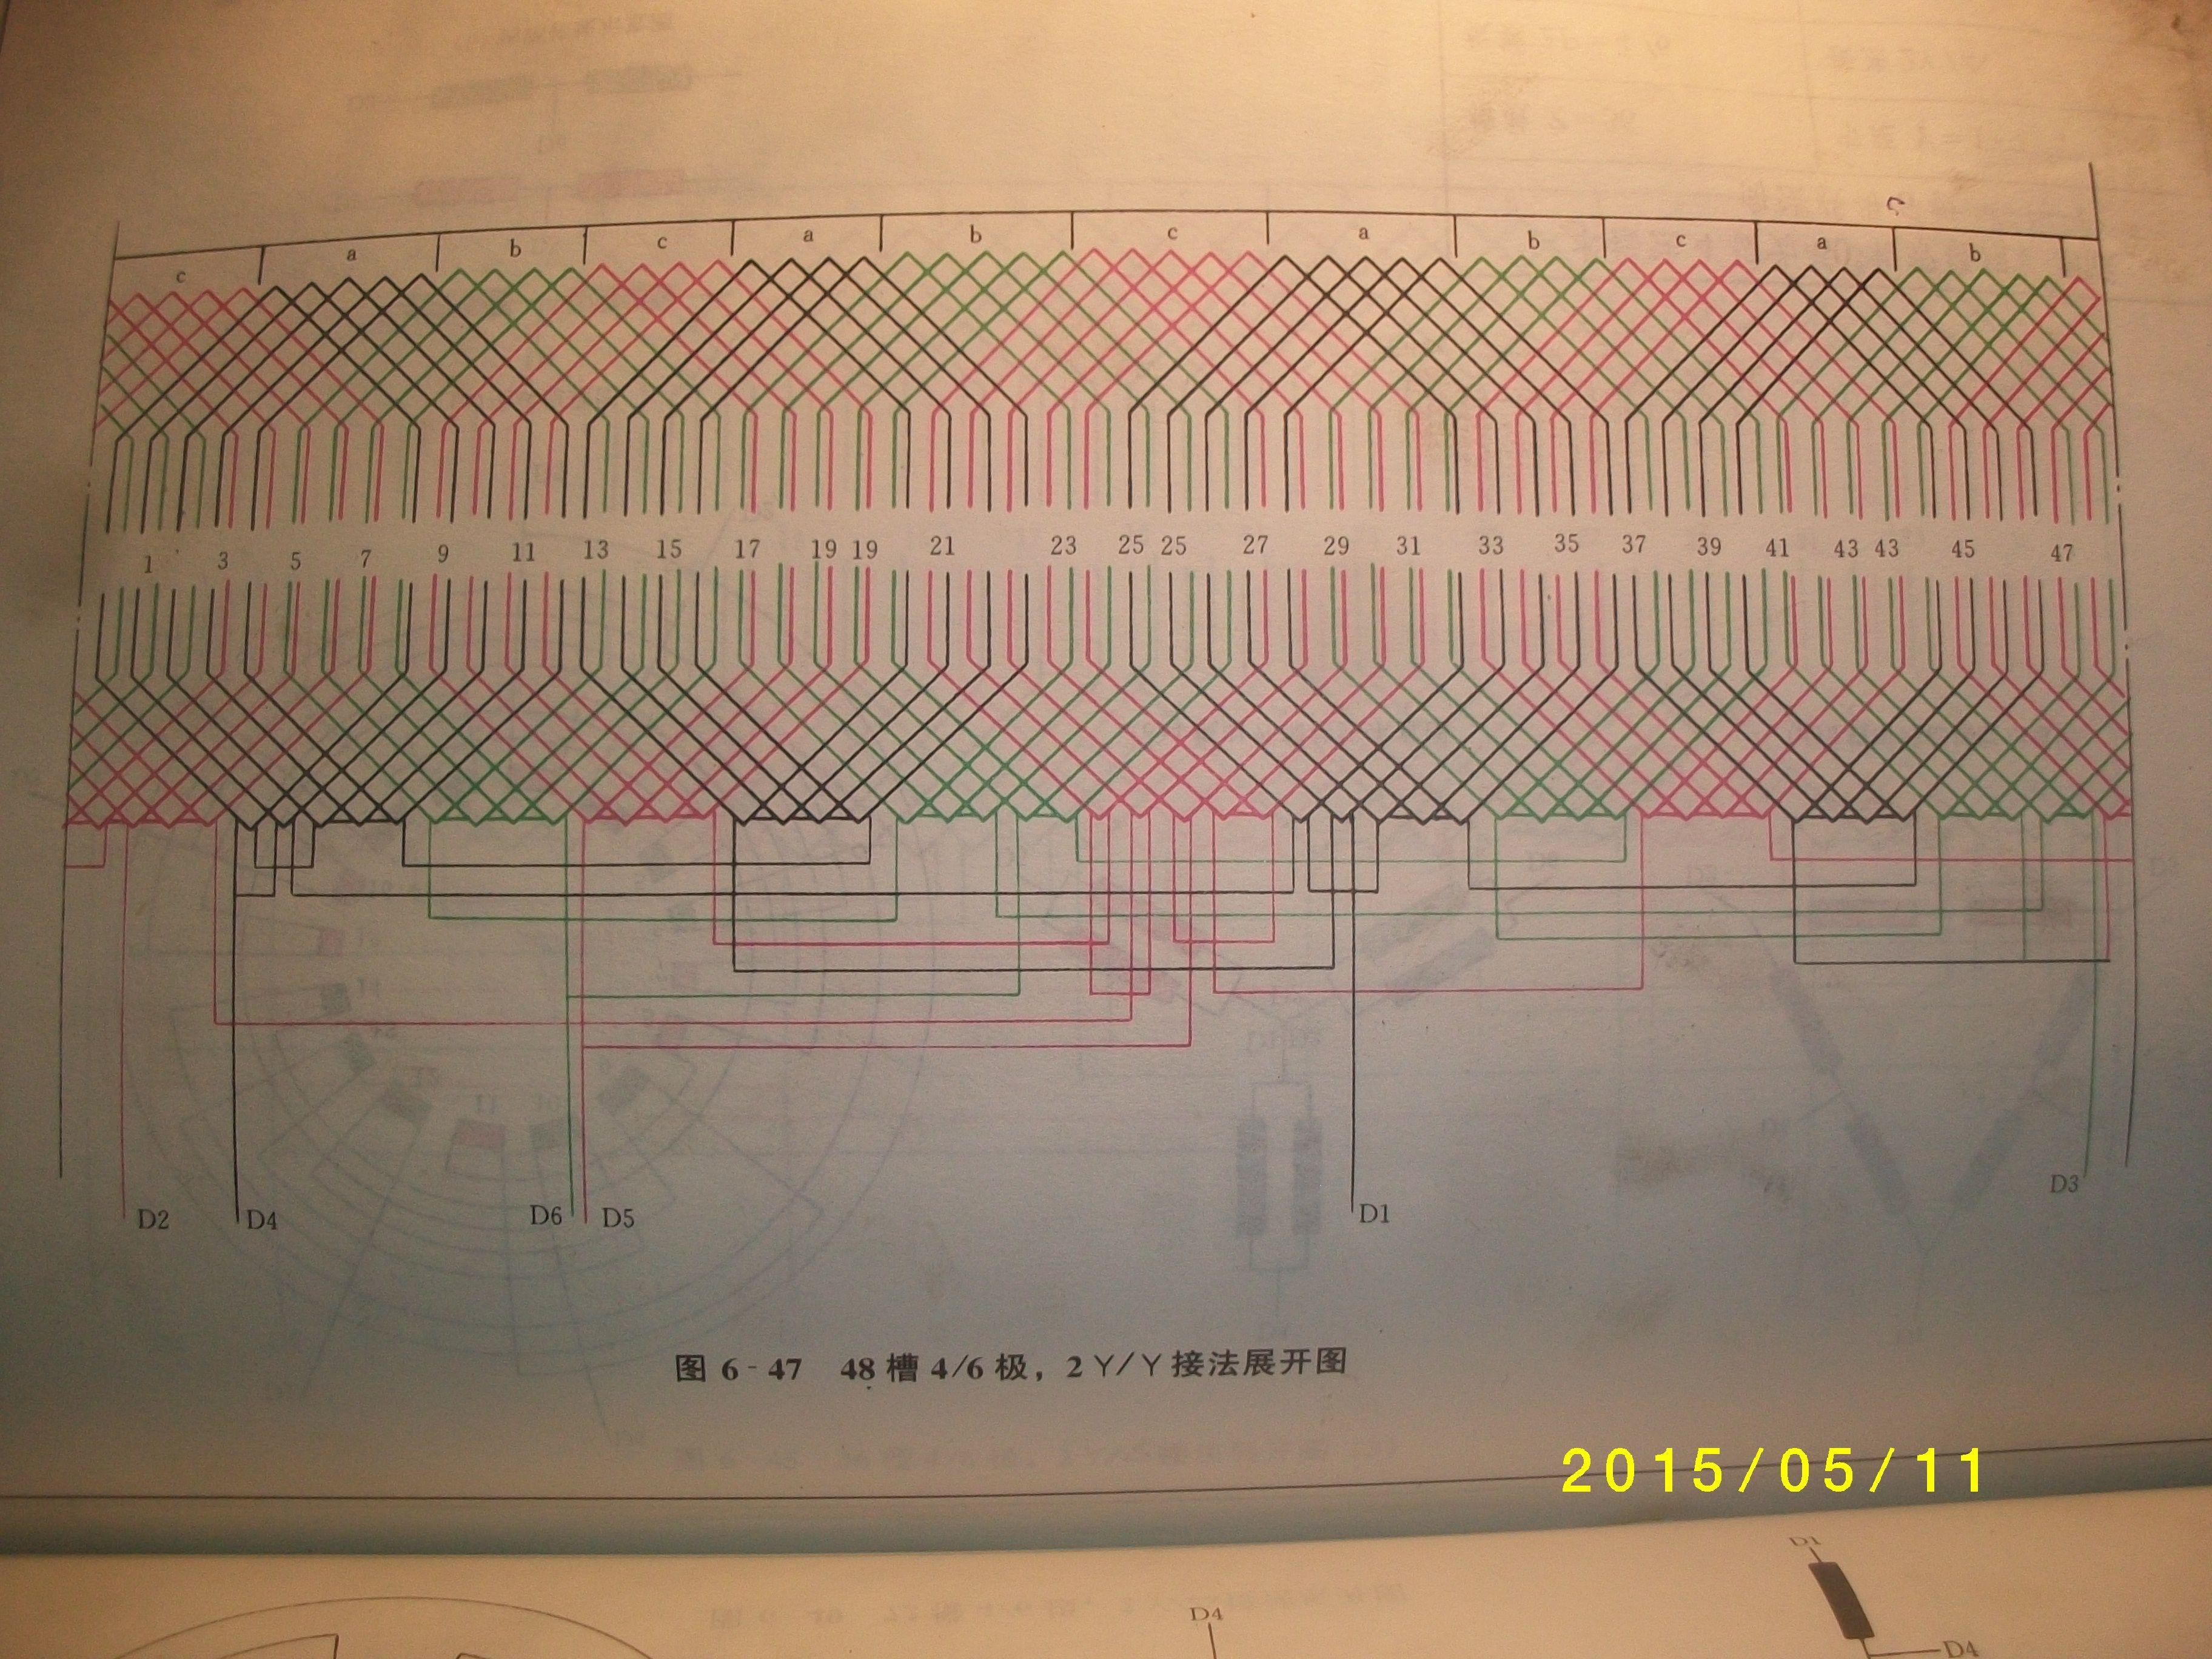 48槽6/4极接线图三角形2y